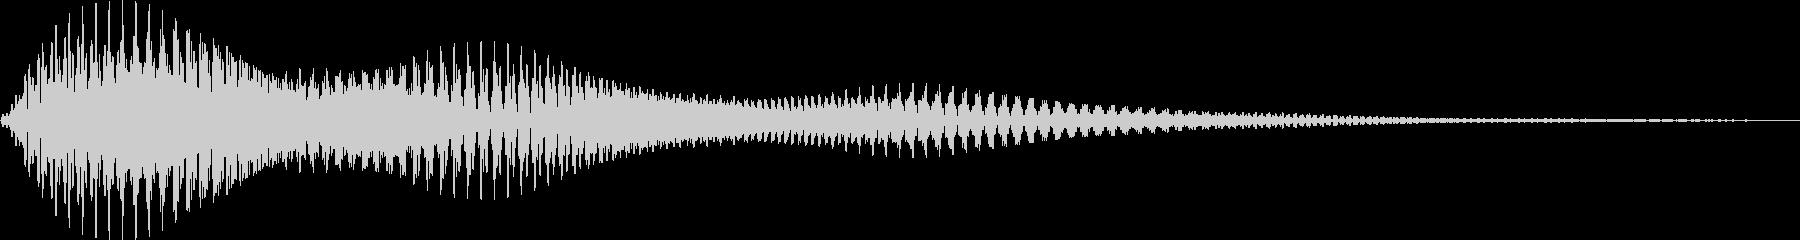 [ホワンッ]ボタン/カーソル/決定/設定の未再生の波形